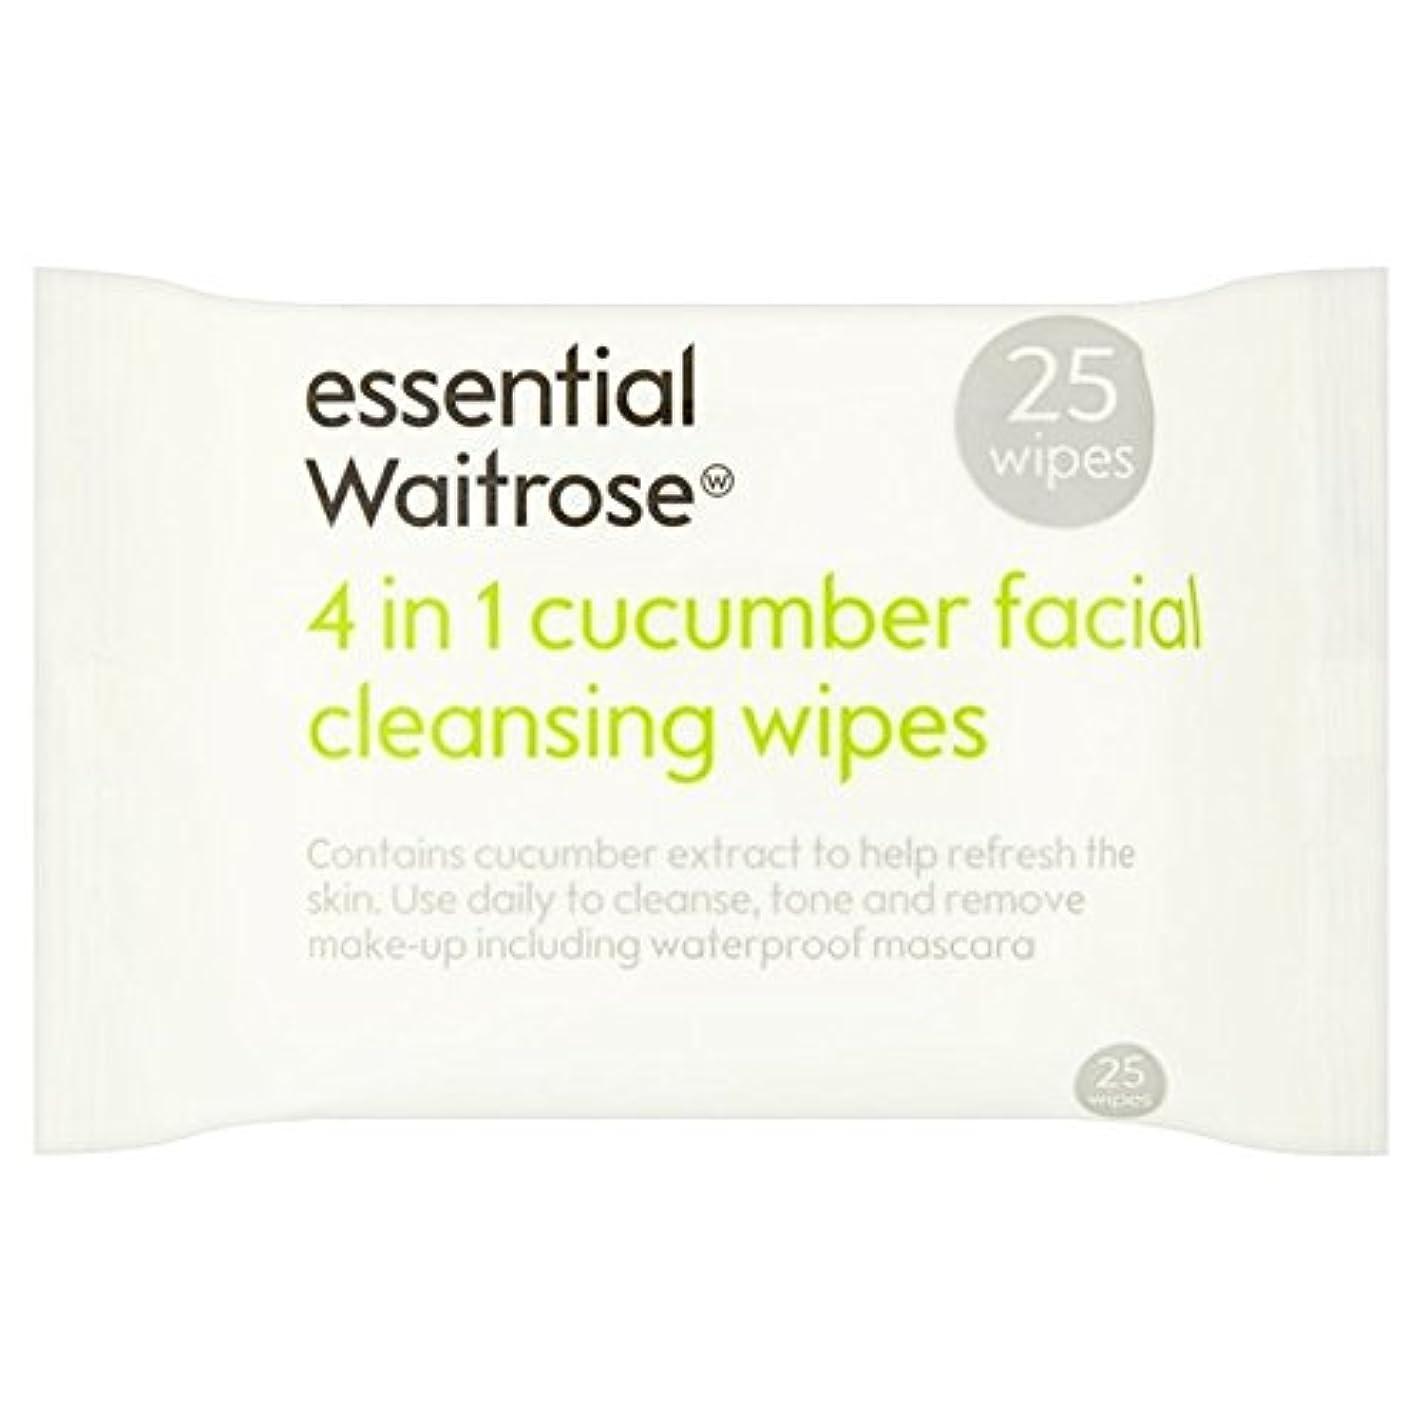 たらい自動化チョップCucumber Facial Wipes essential Waitrose 25 per pack - キュウリ顔のワイプパックあたり不可欠ウェイトローズ25 [並行輸入品]